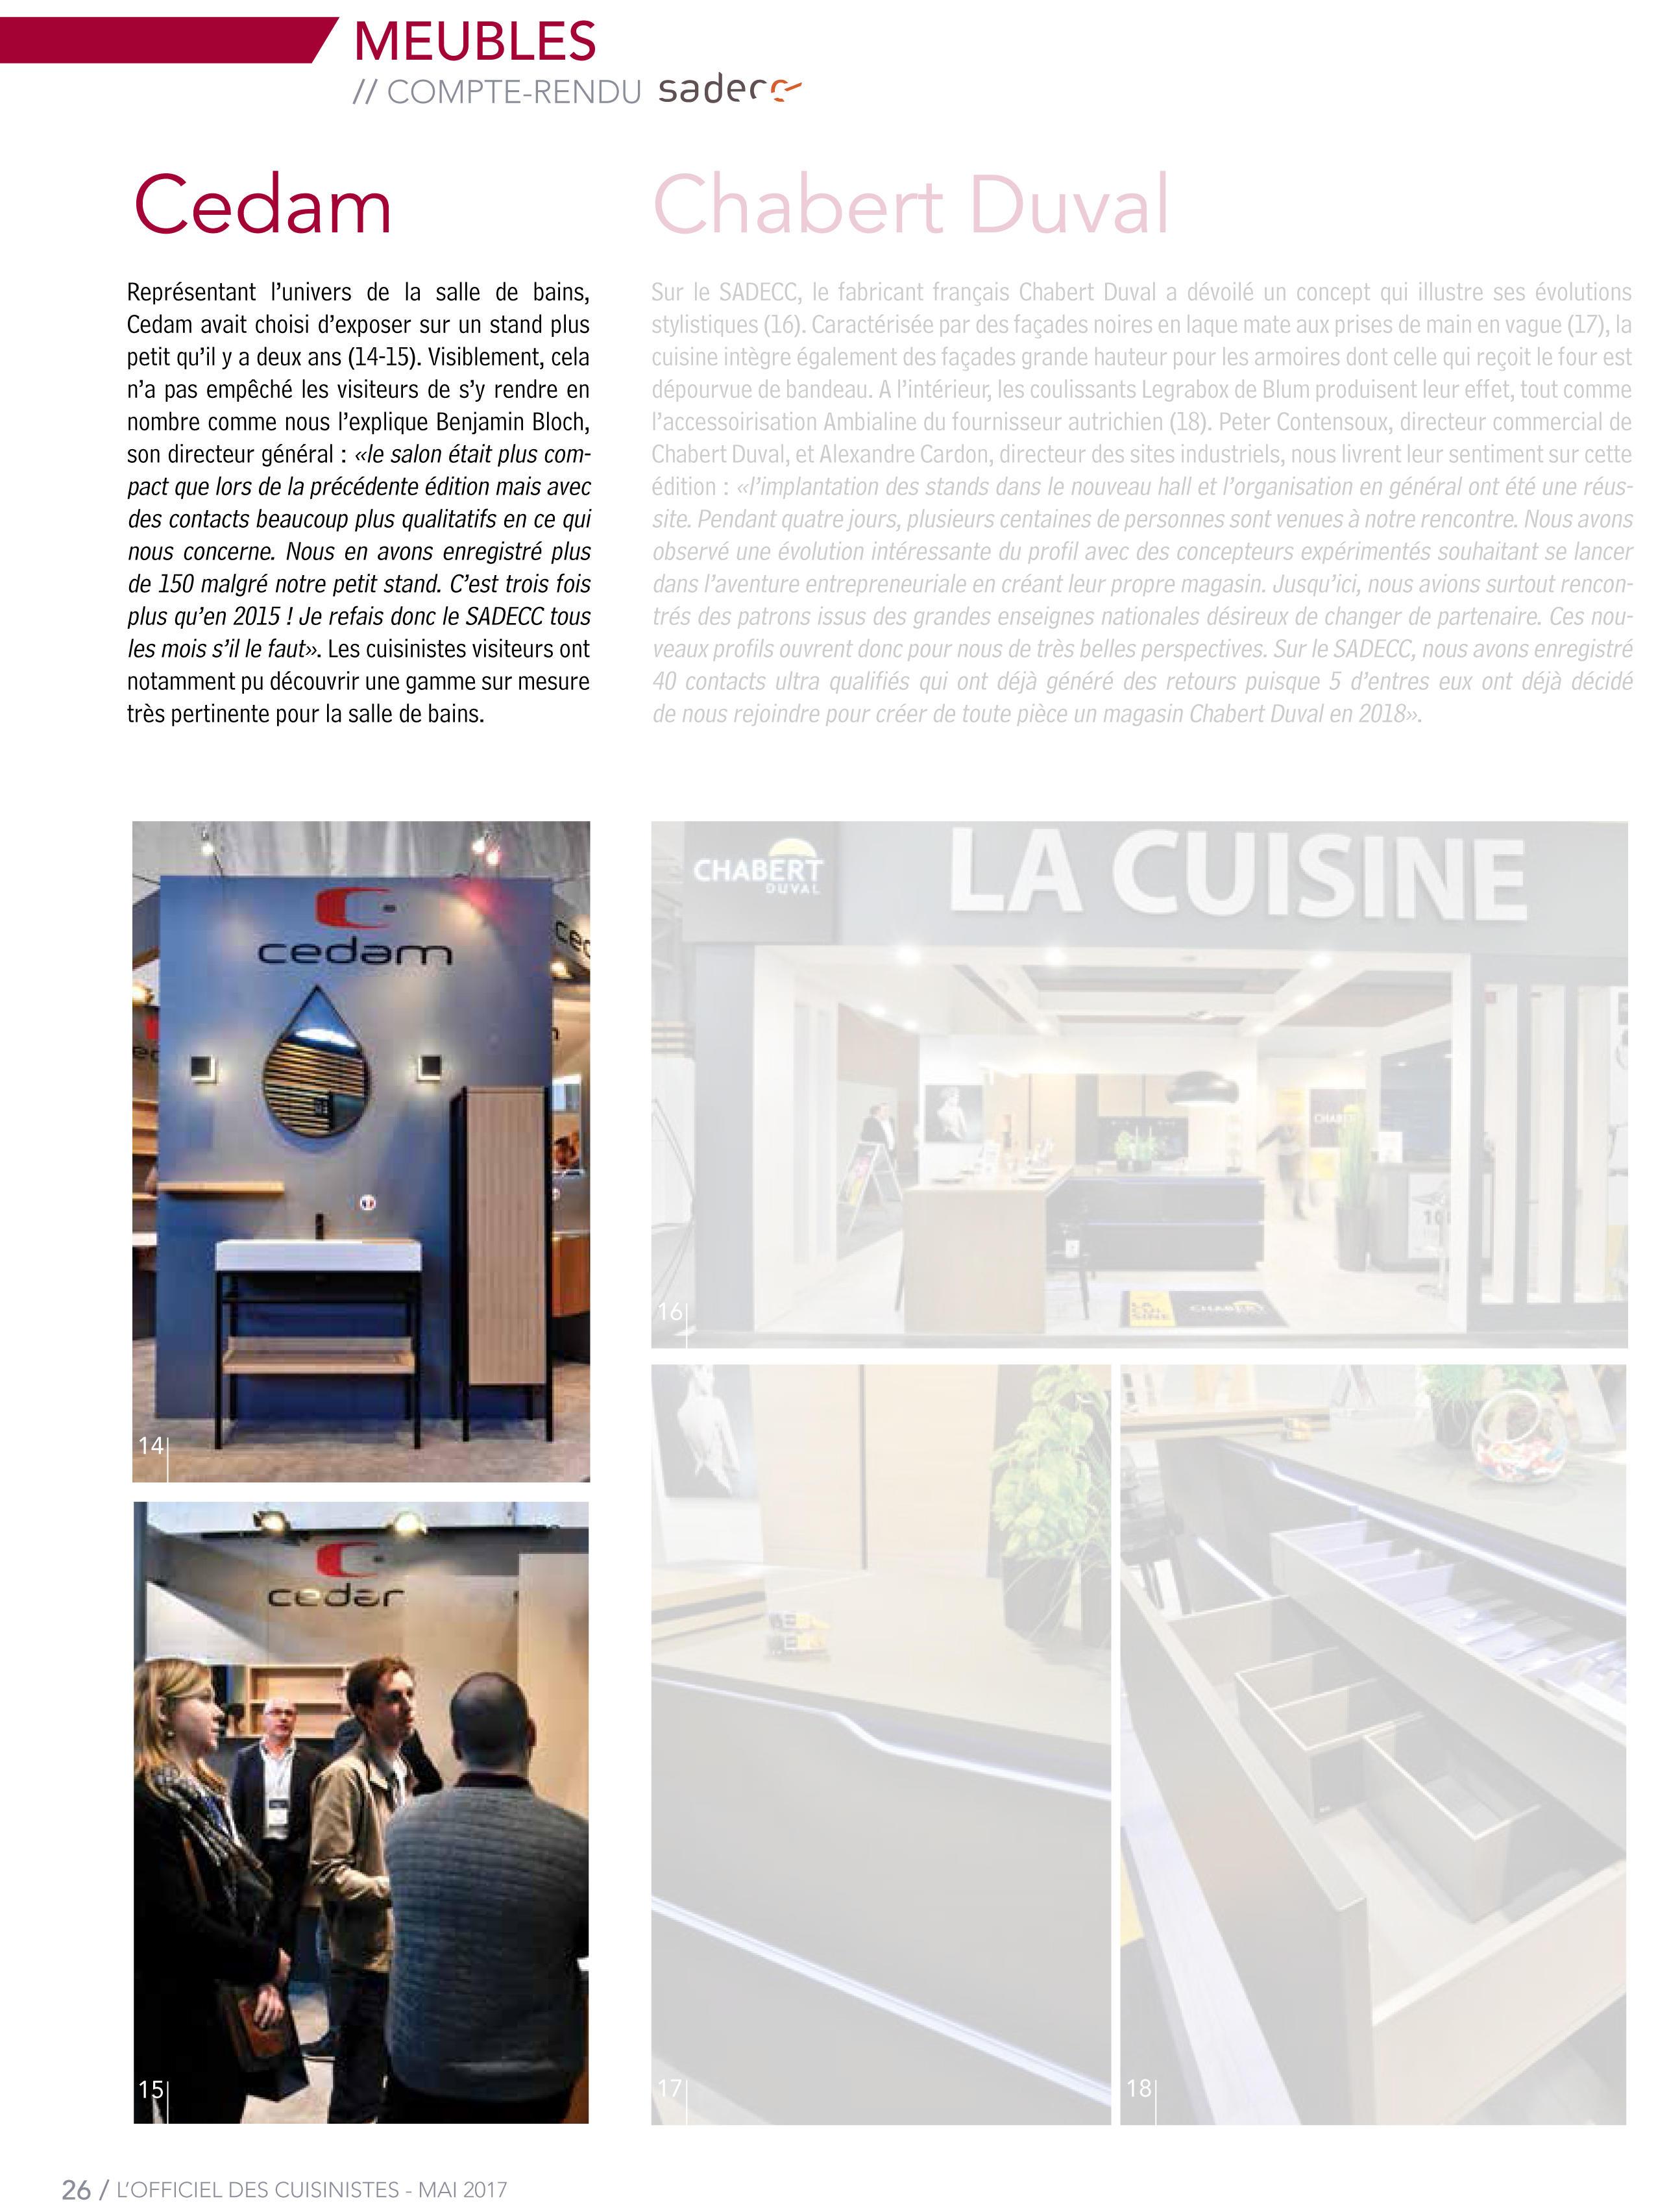 officiel_des_cuisinistes_meubles_-_cedam_-_chabert_duval.jpg